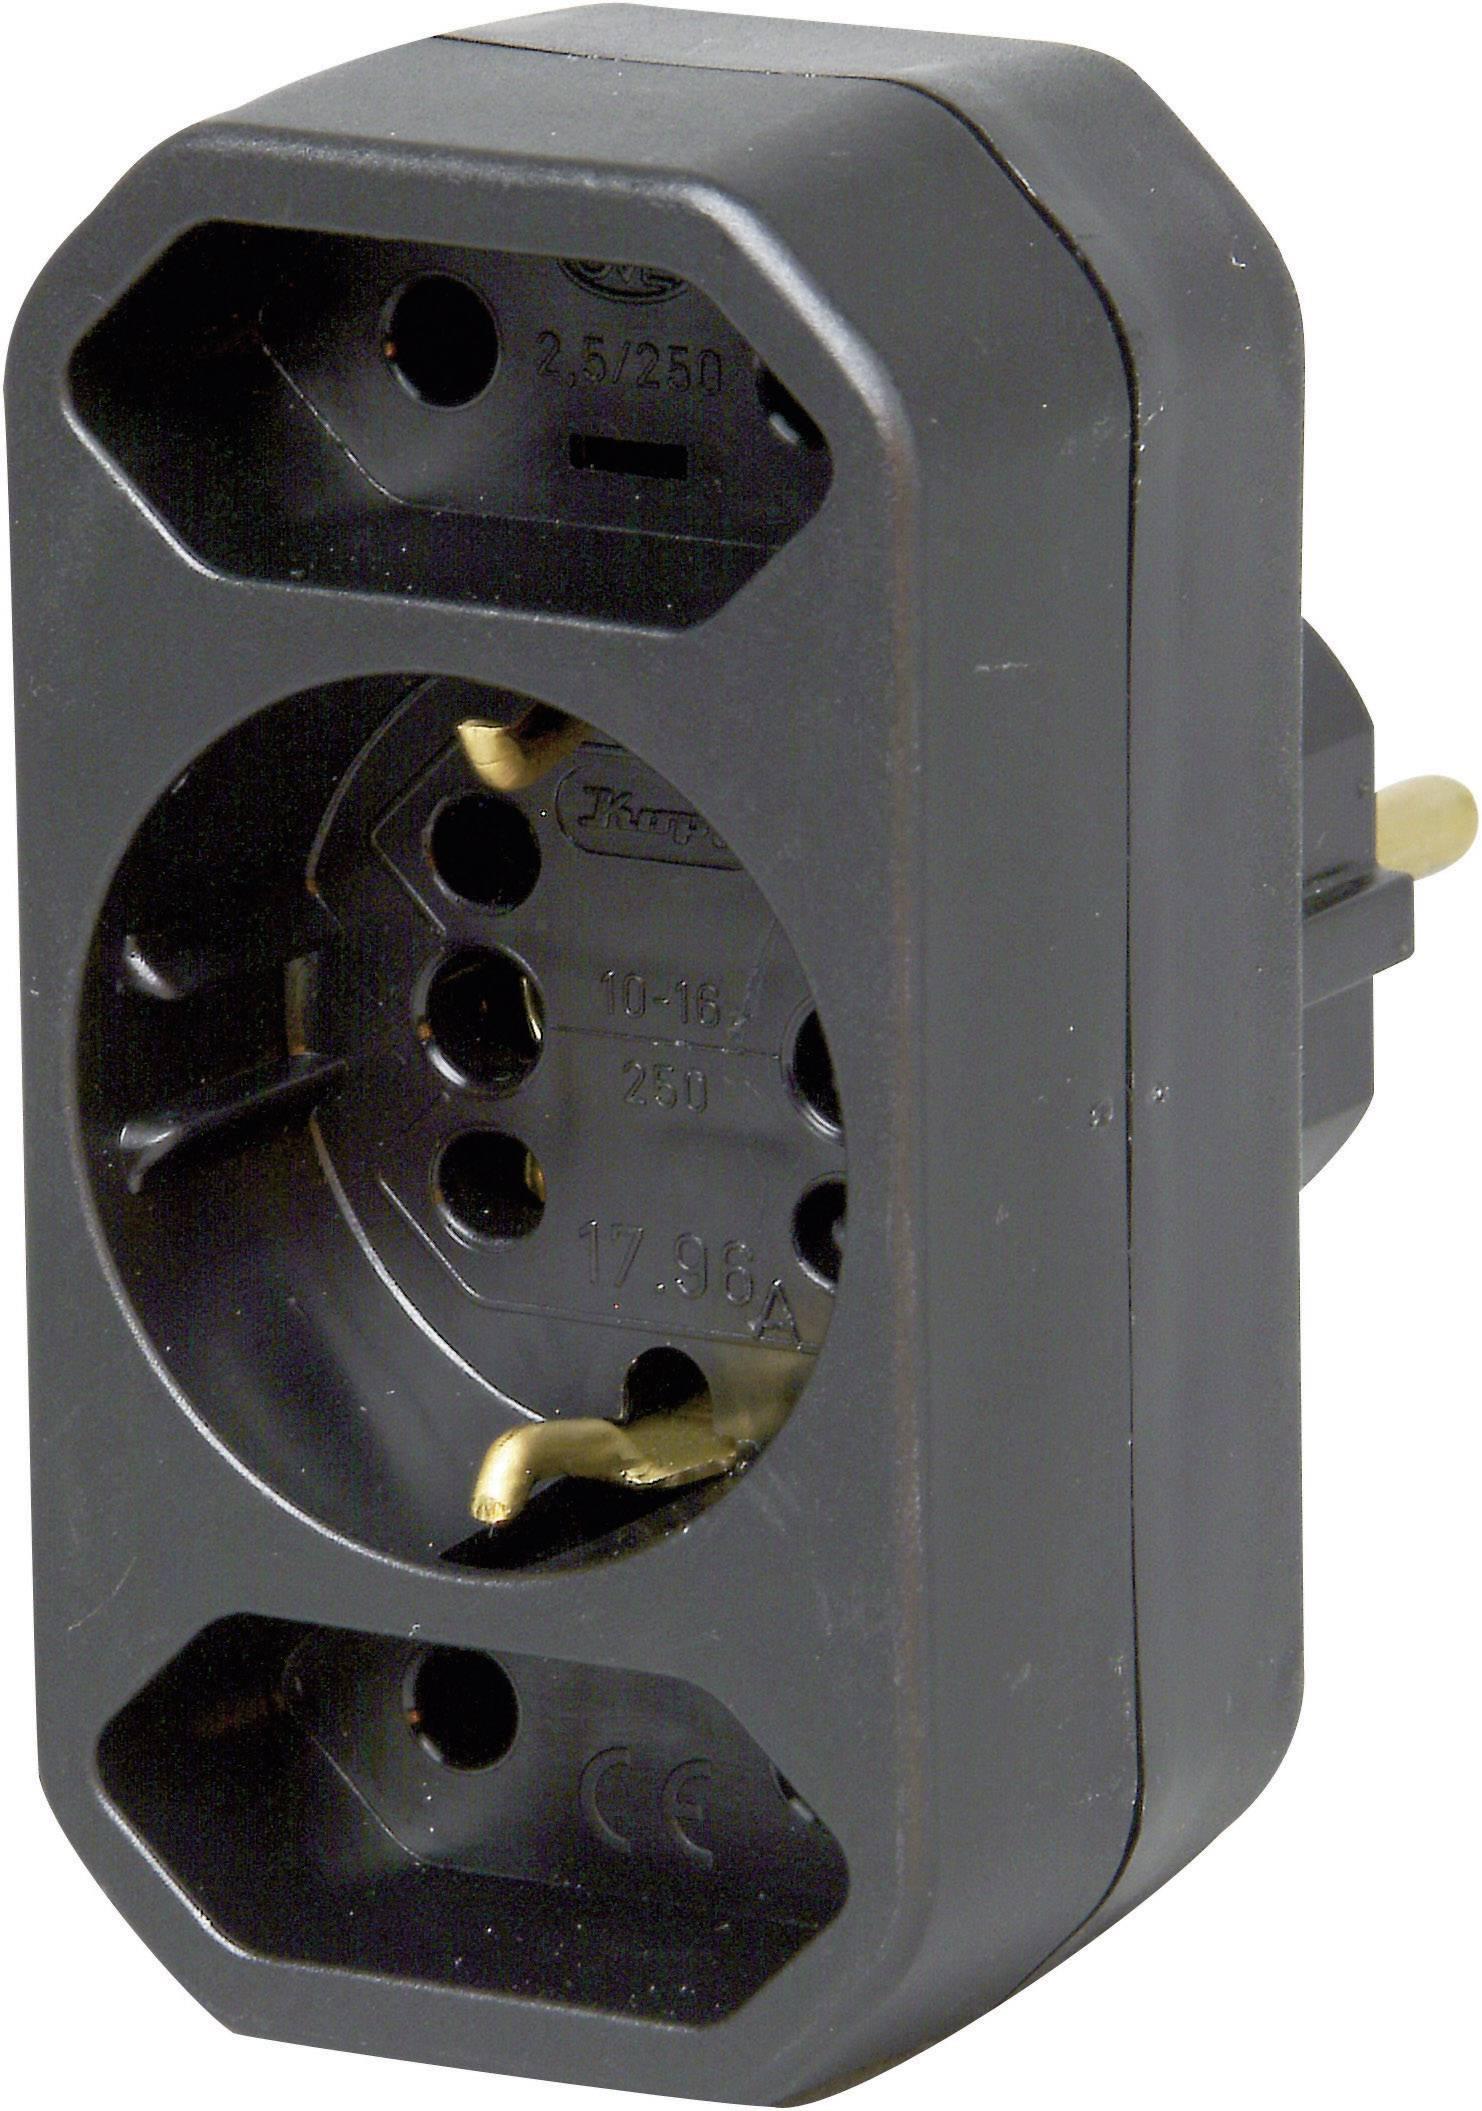 Zásuvkový adaptér Kopp DUOversal, 3 zásuvky, černá, 179605004